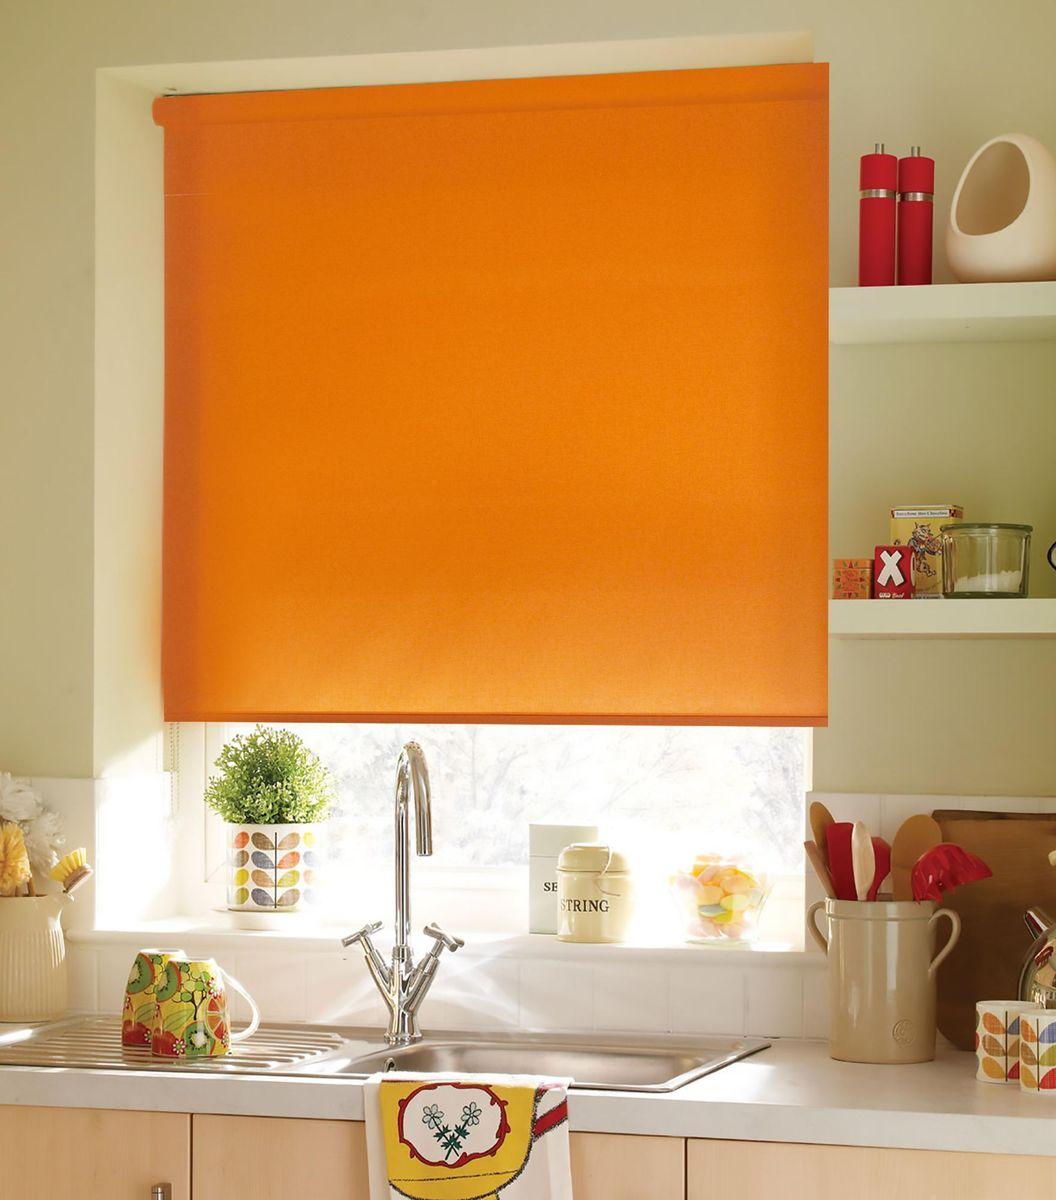 Штора рулонная Эскар, цвет: апельсиновый, ширина 150 см, высота 170 смK100Рулонными шторами можно оформлять окна как самостоятельно, так и использовать в комбинации с портьерами. Это поможет предотвратить выгорание дорогой ткани на солнце и соединит функционал рулонных с красотой навесных. Преимущества применения рулонных штор для пластиковых окон: - имеют прекрасный внешний вид: многообразие и фактурность материала изделия отлично смотрятся в любом интерьере;- многофункциональны: есть возможность подобрать шторы способные эффективно защитить комнату от солнца, при этом она не будет слишком темной. - Есть возможность осуществить быстрый монтаж.ВНИМАНИЕ! Размеры ширины изделия указаны по ширине ткани! Во время эксплуатации не рекомендуется полностью разматывать рулон, чтобы не оторвать ткань от намоточного вала. В случае загрязнения поверхности ткани, чистку шторы проводят одним из способов, в зависимости от типа загрязнения:легкое поверхностное загрязнение можно удалить при помощи канцелярского ластика;чистка от пыли производится сухим методом при помощи пылесоса с мягкой щеткой-насадкой;для удаления пятна используйте мягкую губку с пенообразующим неагрессивным моющим средством или пятновыводитель на натуральной основе (нельзя применять растворители).